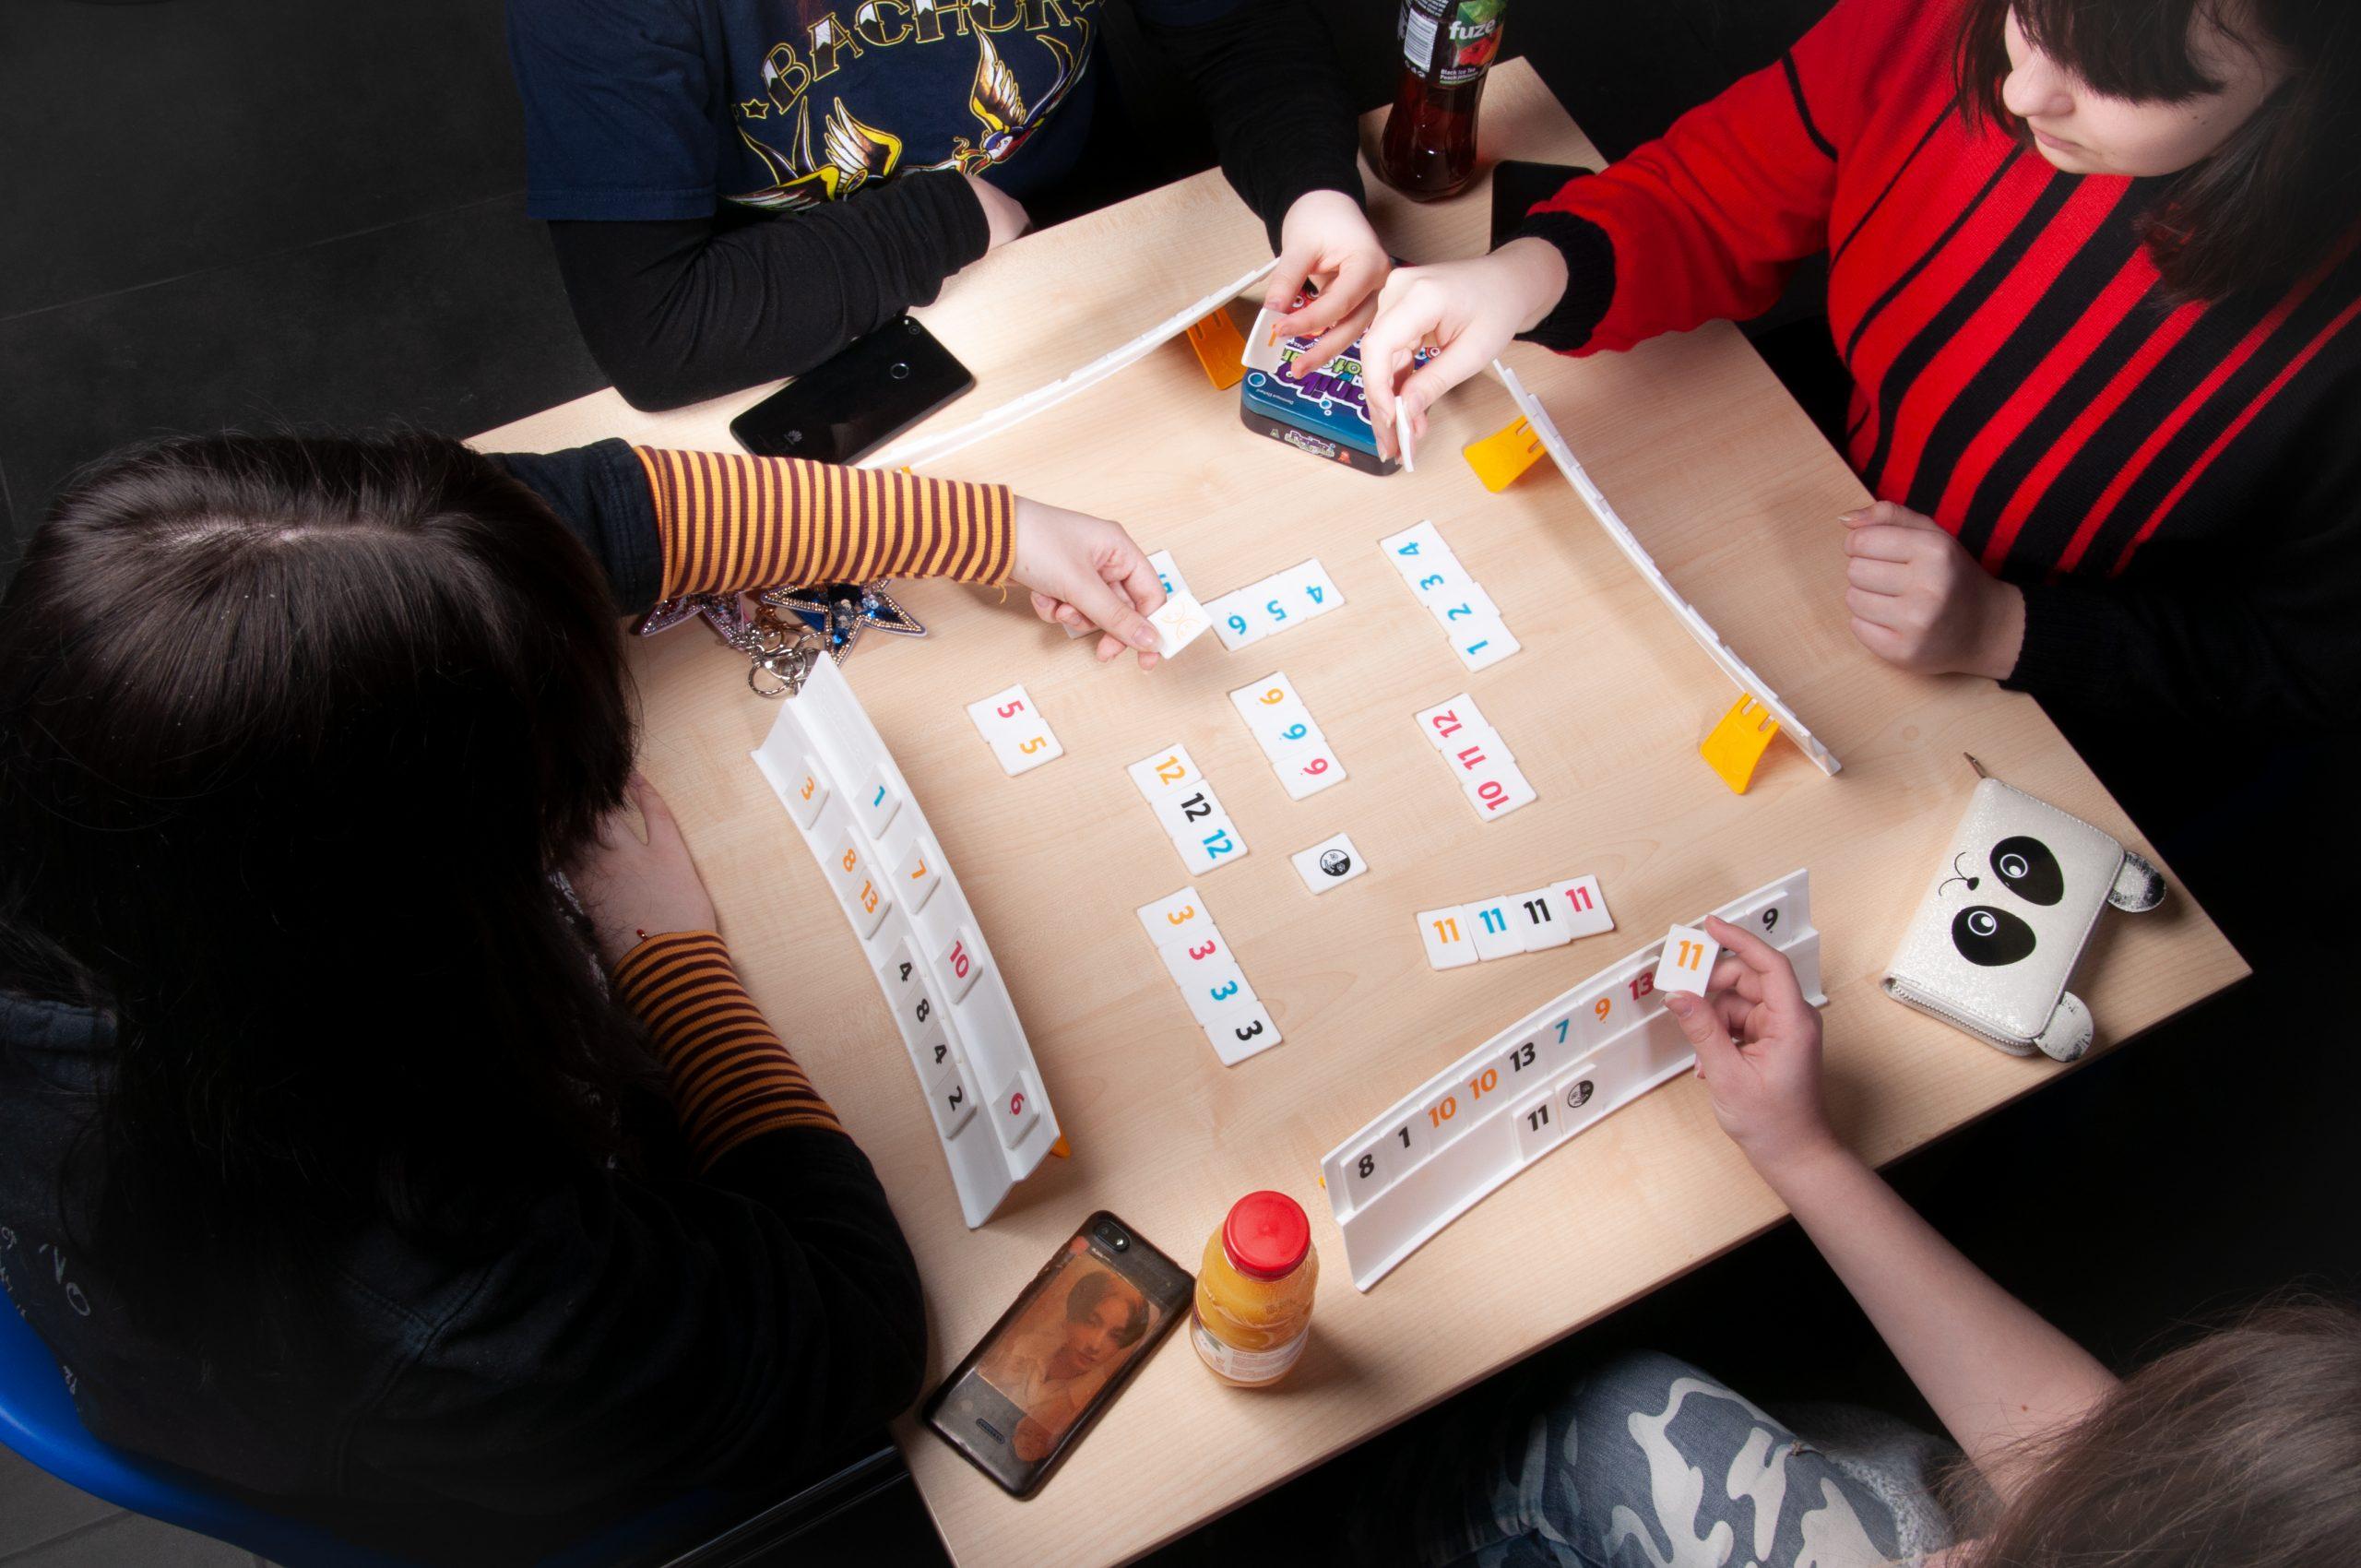 cztery młode osoby grają w grę planszową, na stoliku rozłożone elementy gry